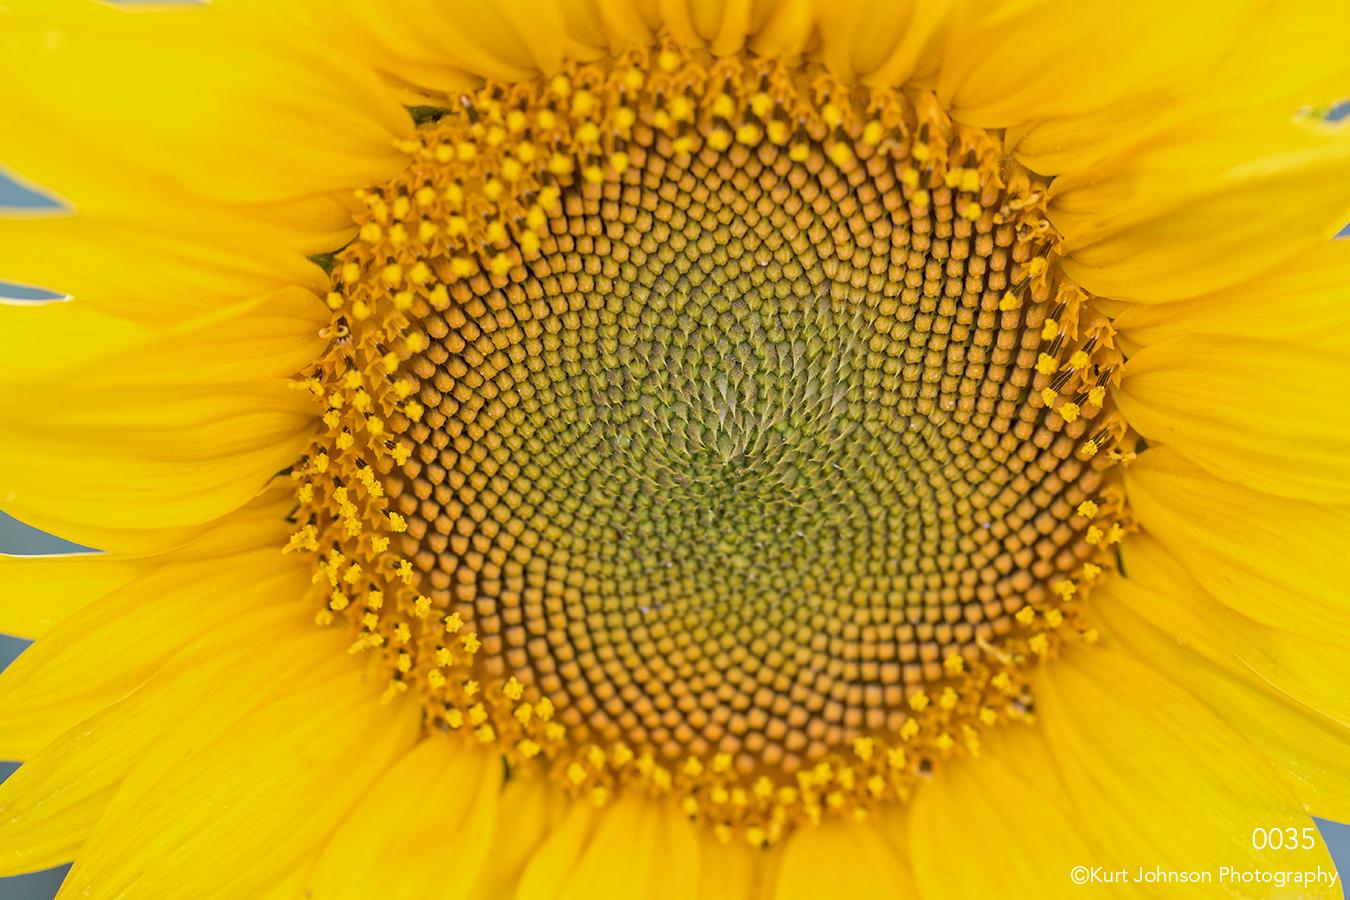 flower yellow sunflower close up detail texture